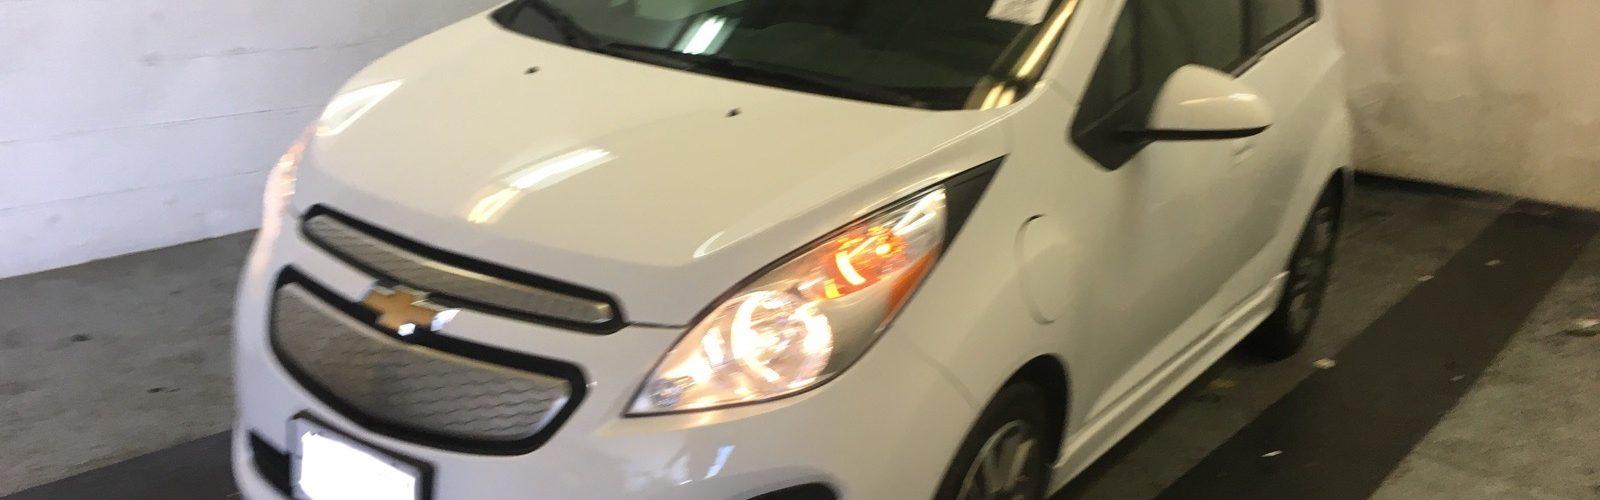 CHEVY SPARK EV 2LT 2015 – 40 486  Km – Charge rapide 400V – Seulement 14 571 $ avec la subvention – VENDU